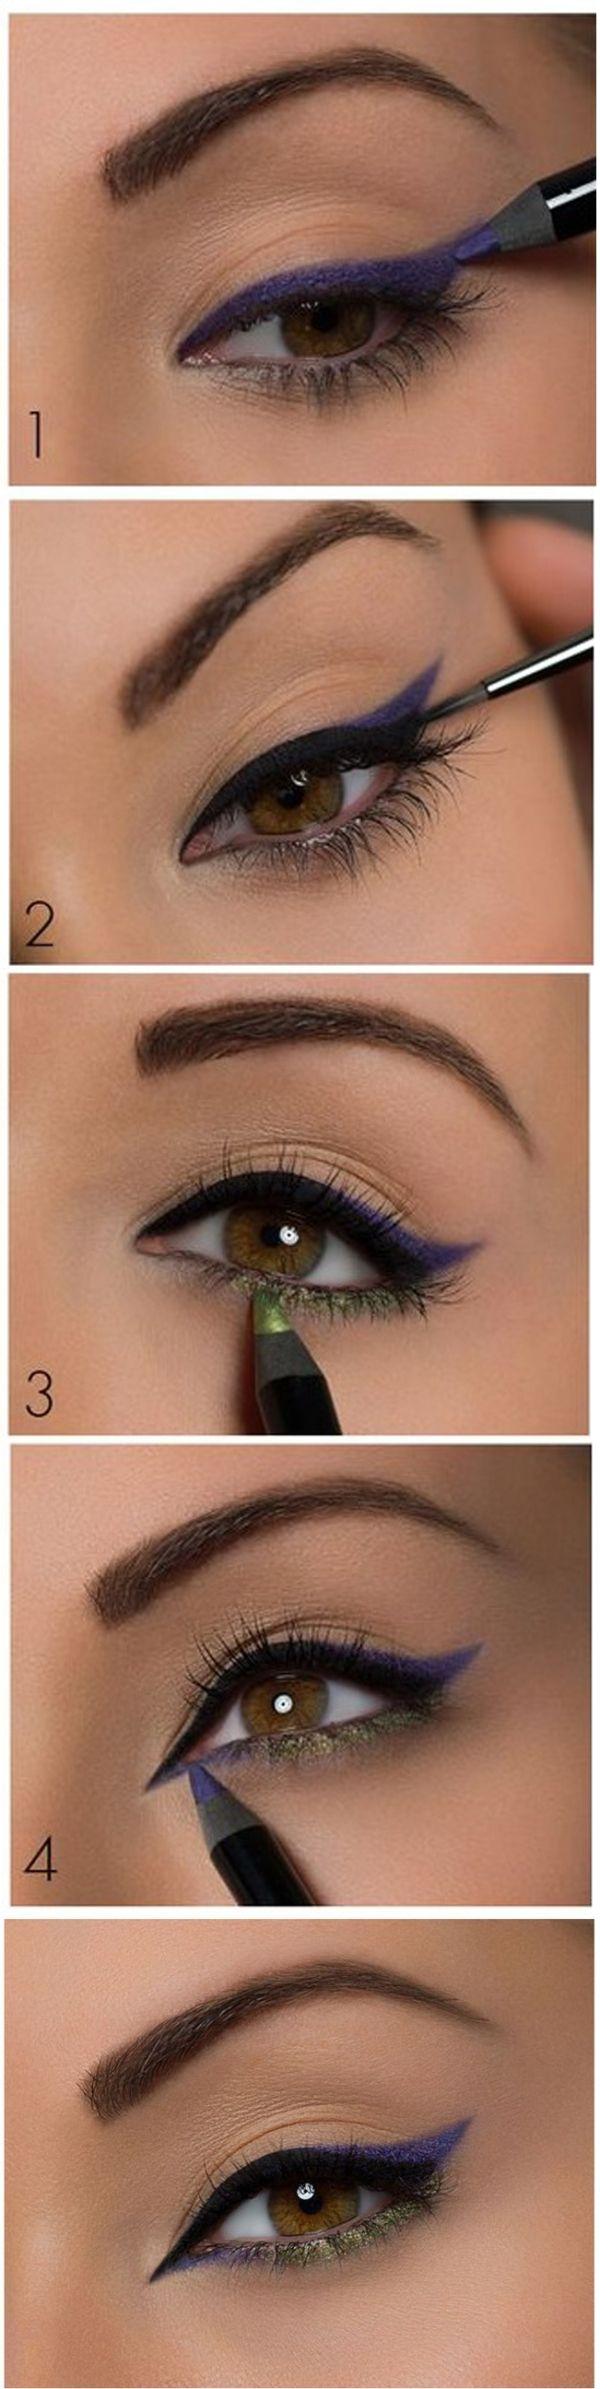 Стрелки для зеленых глаз пошаговое фото